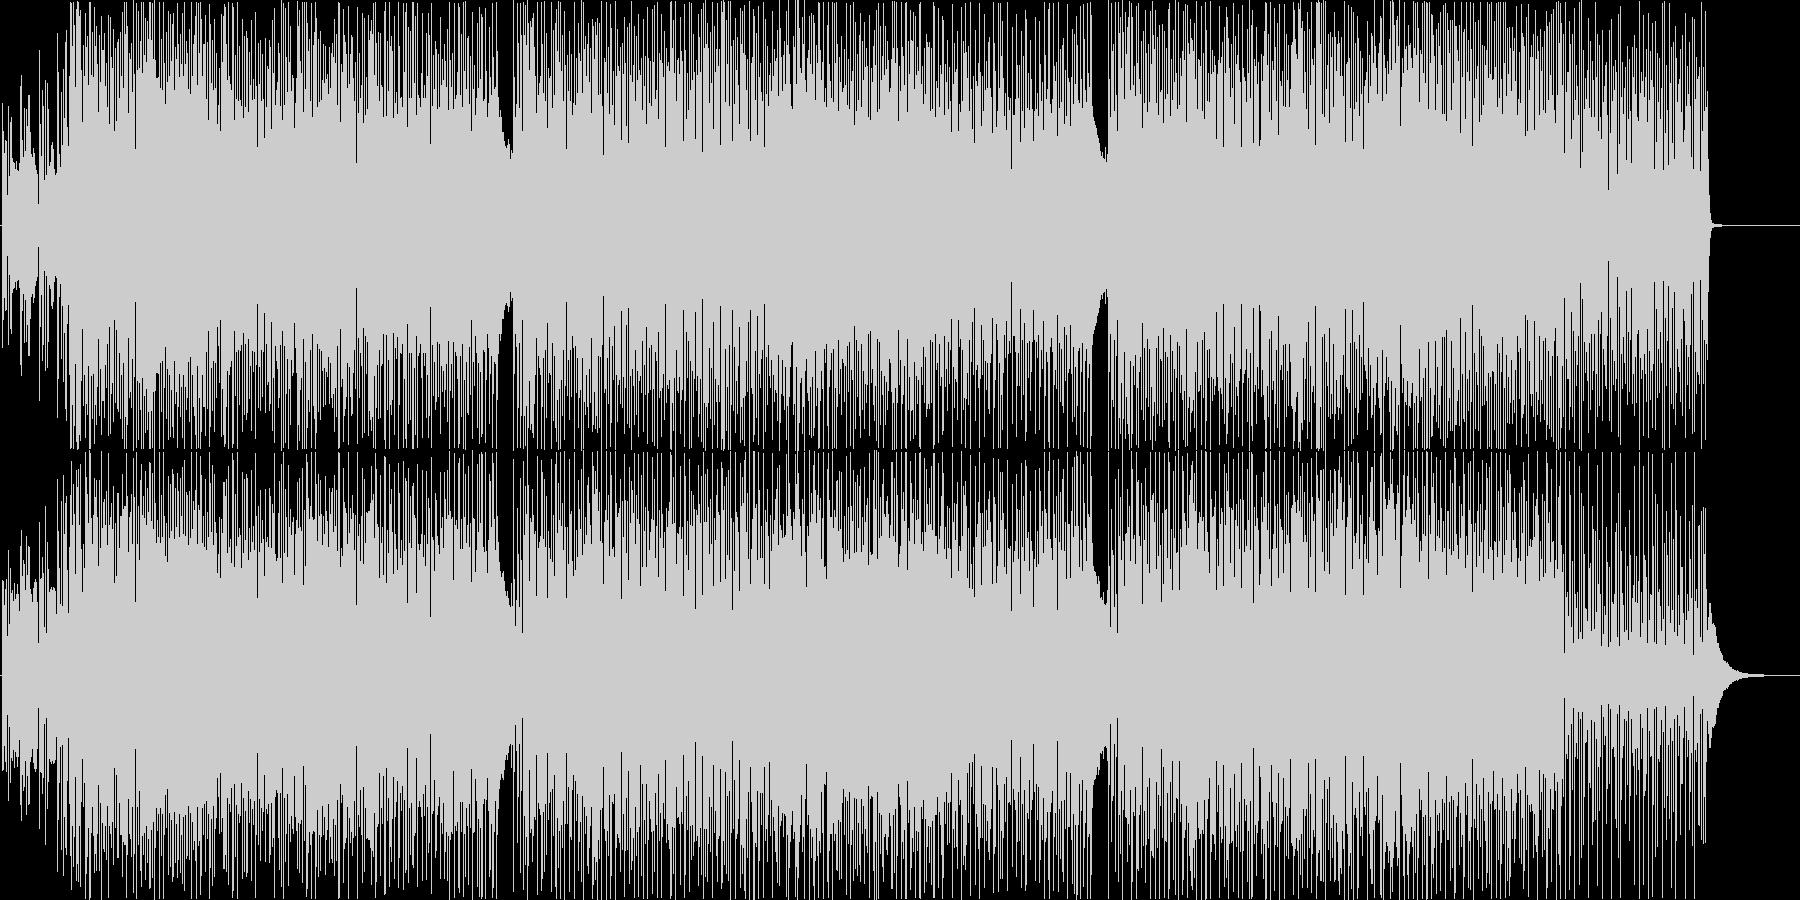 明るく楽しいハウス系ダンス曲の未再生の波形